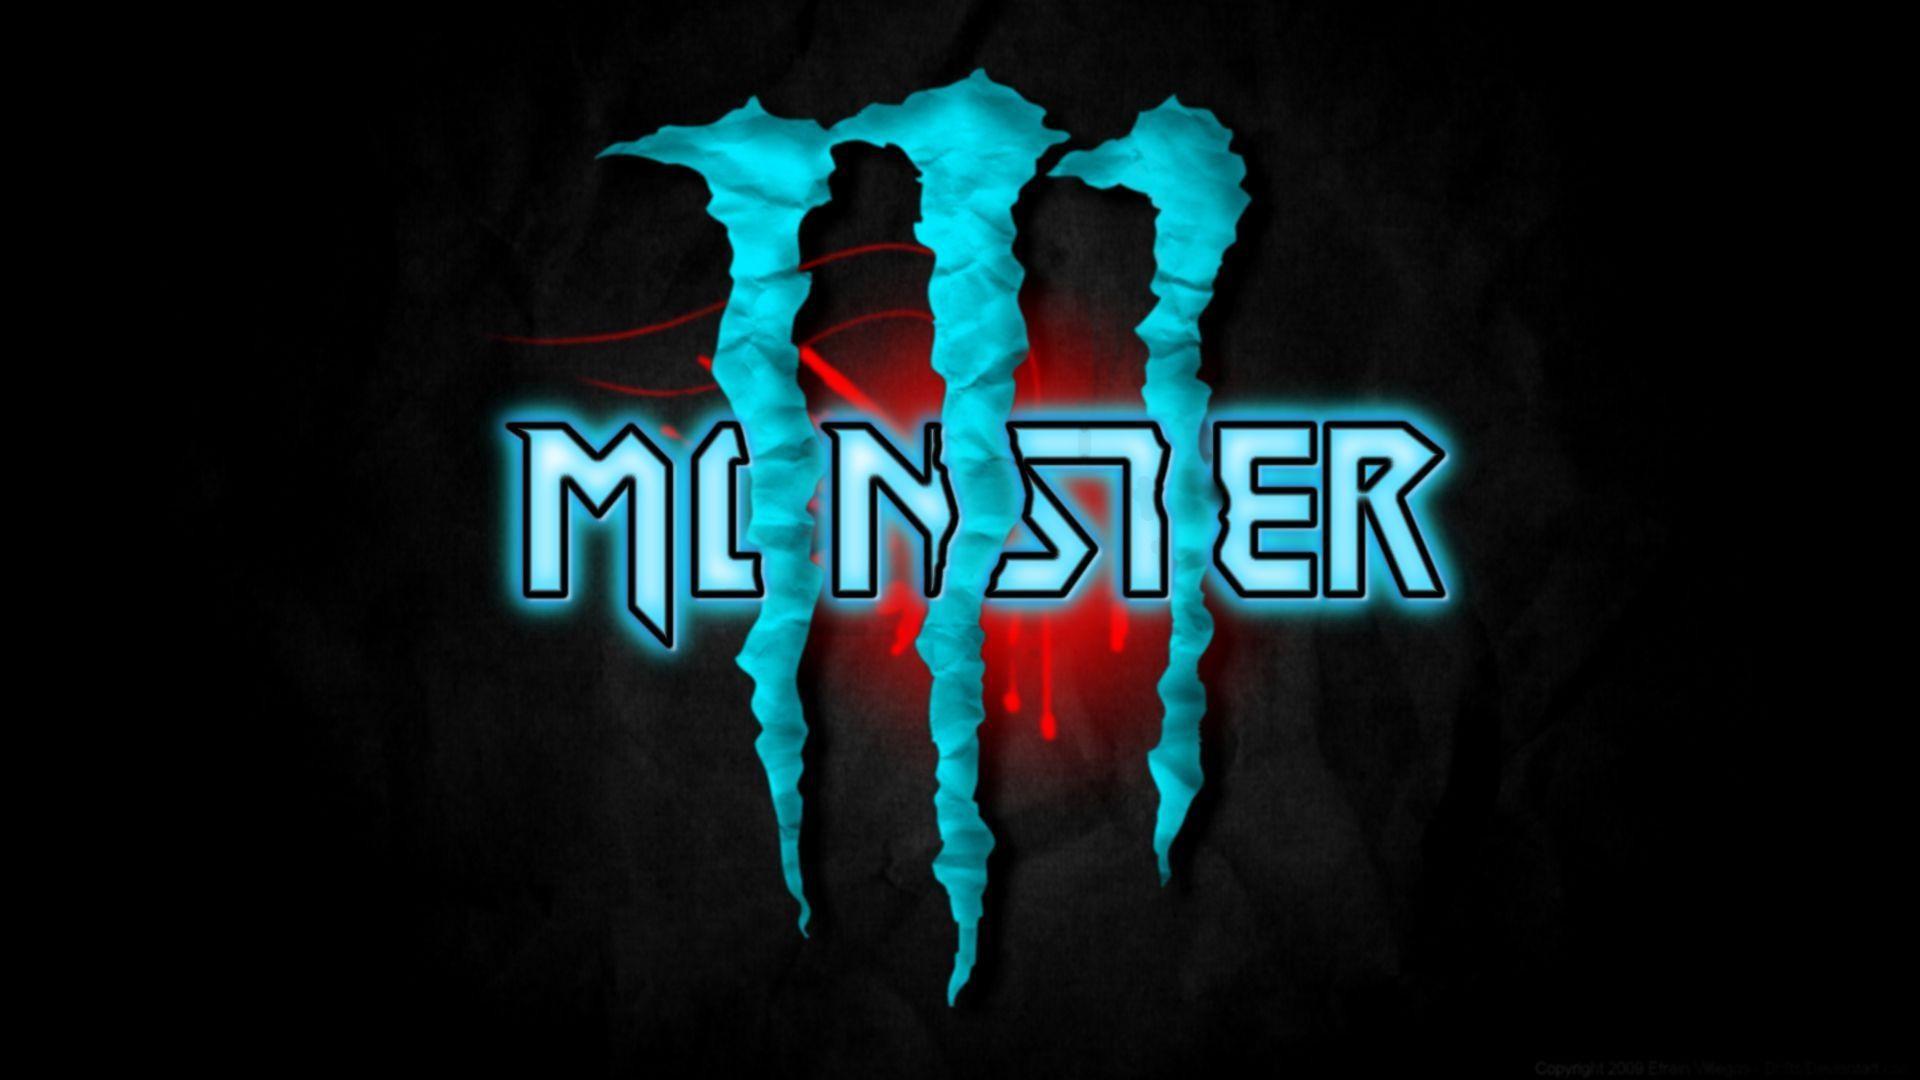 Blue Monster Energy Logo Wallpaper 63 Images